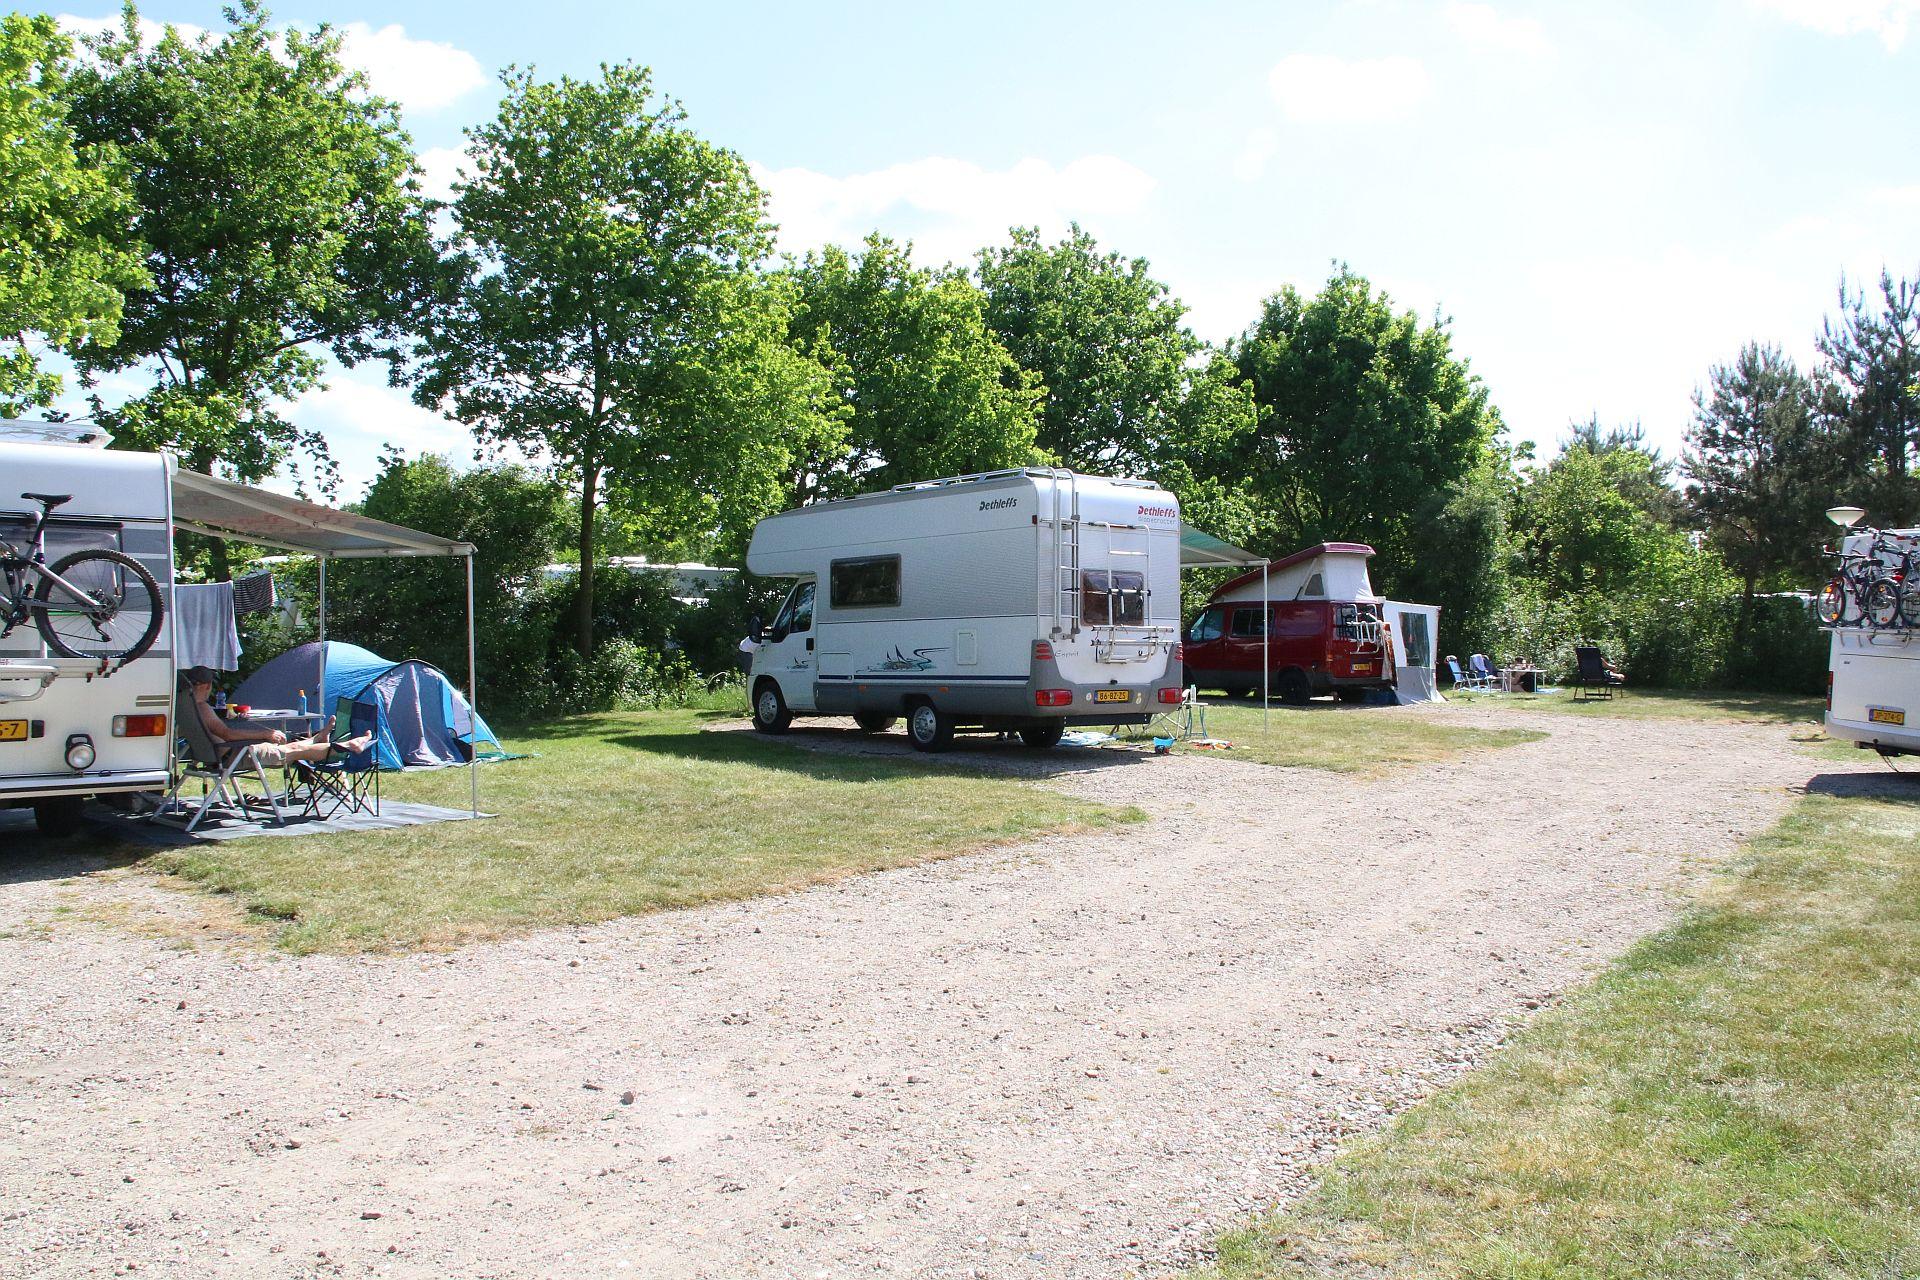 Camper plaatsen in Overijssel op 5 sterren camping - Camper plaatsen in Overijssel